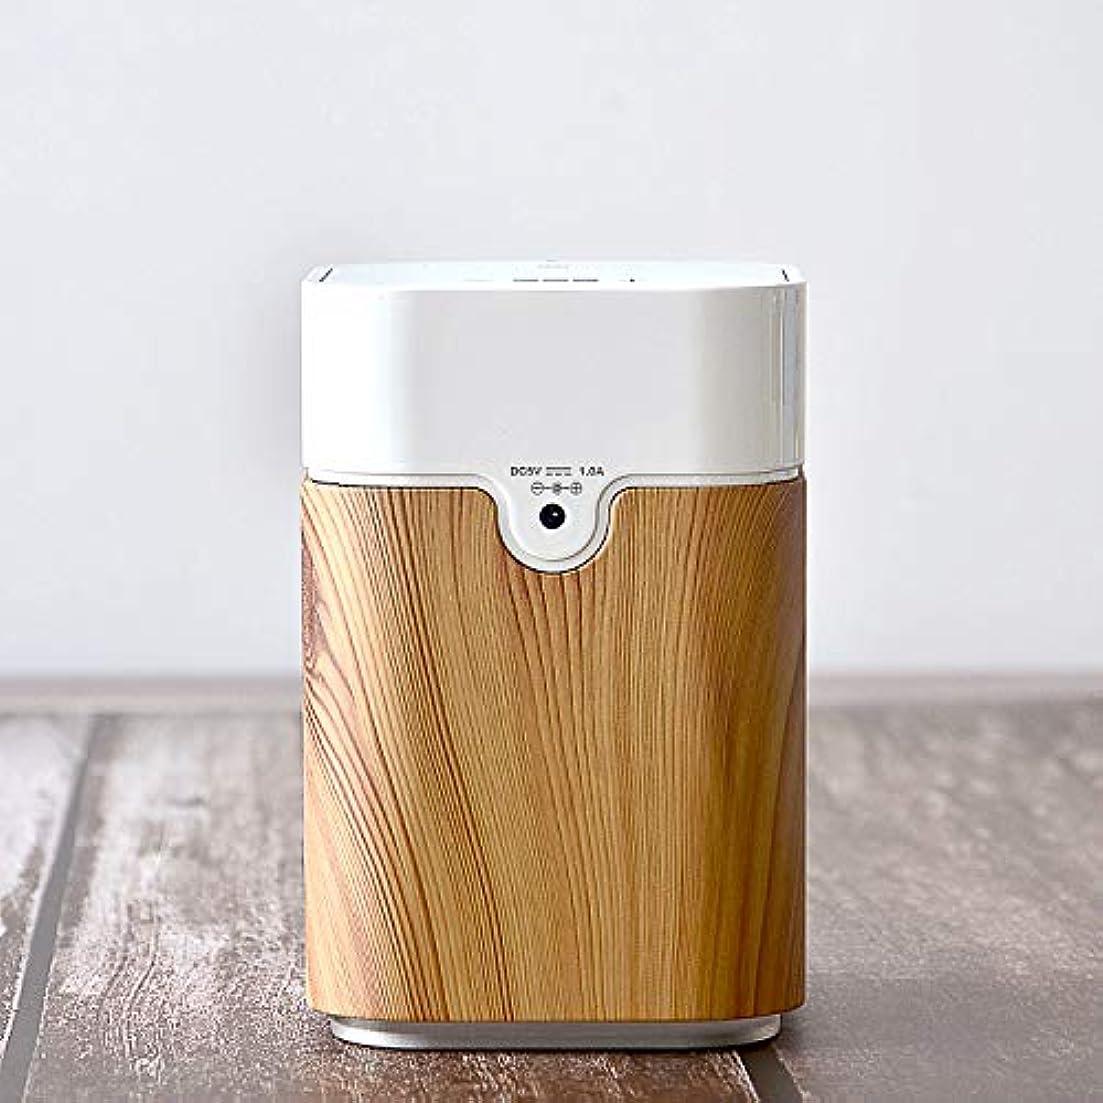 落ち着かないペチュランス甘いエッセンシャルオイル拡散器USB充電機アロマディフューザー ヨガ室 整体院人気 タイマー機能 ネブライザー式 量調整可能 付き